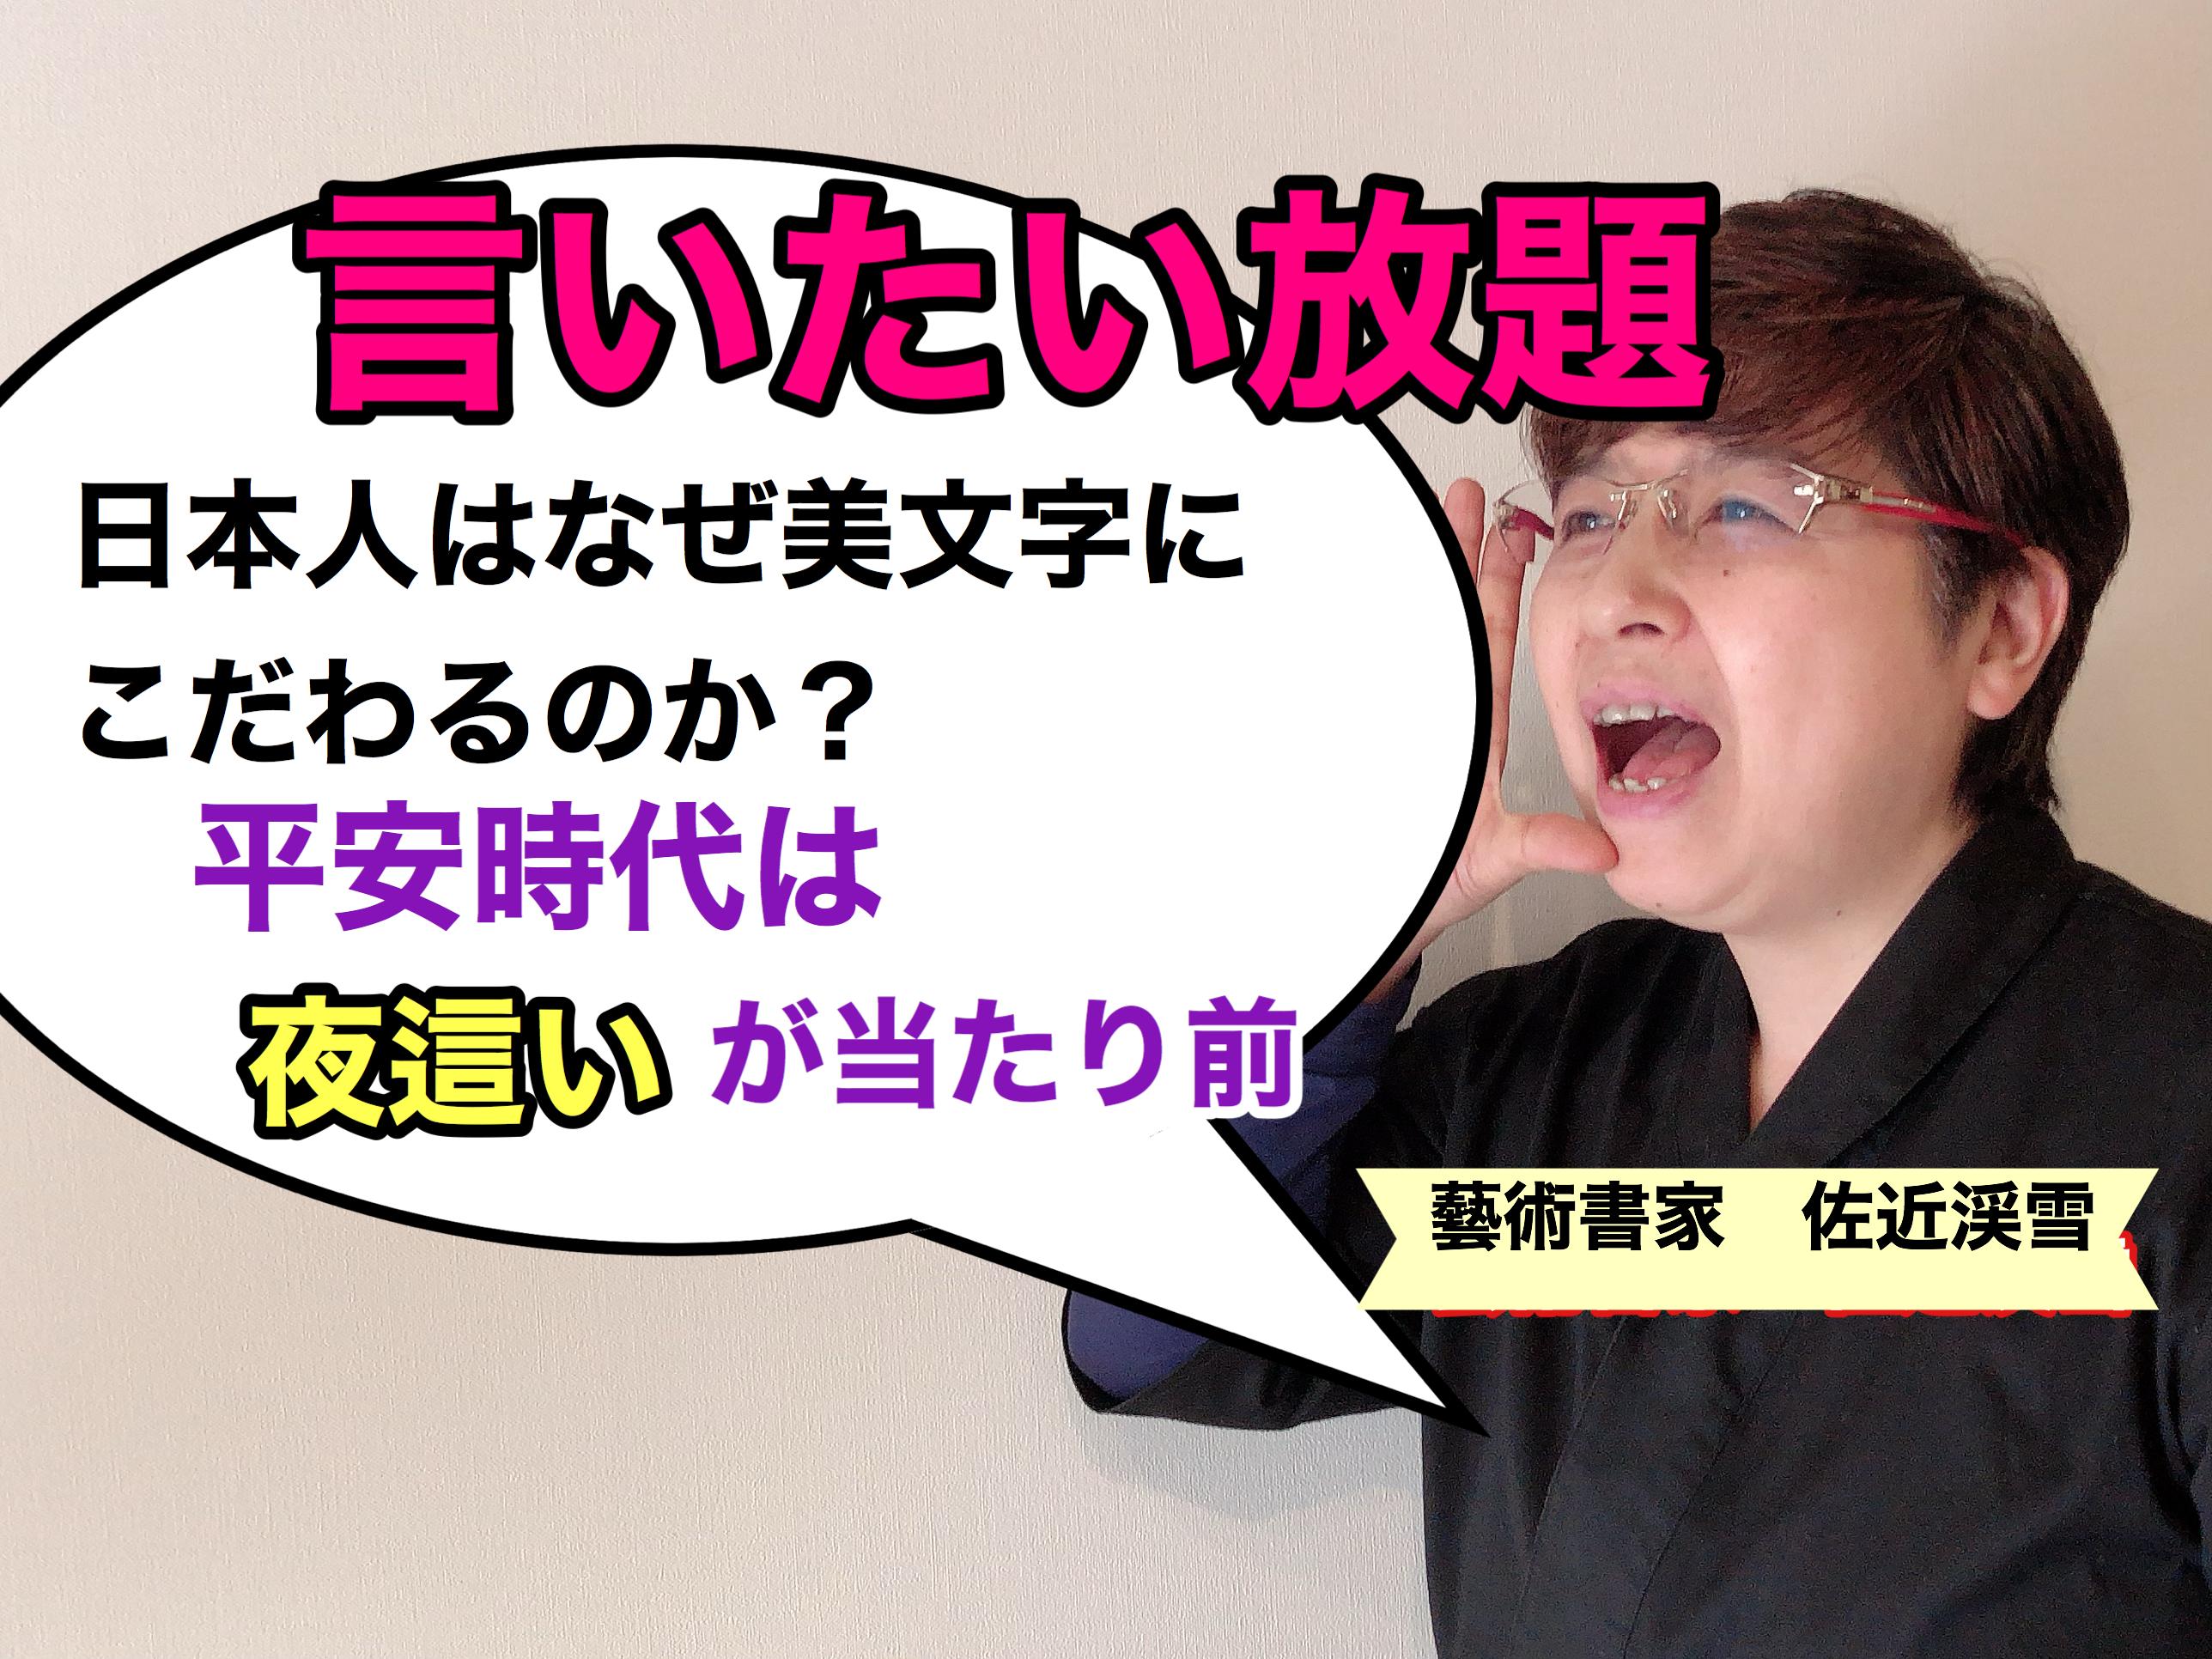 日本人はなぜ美文字にこだわるのか?